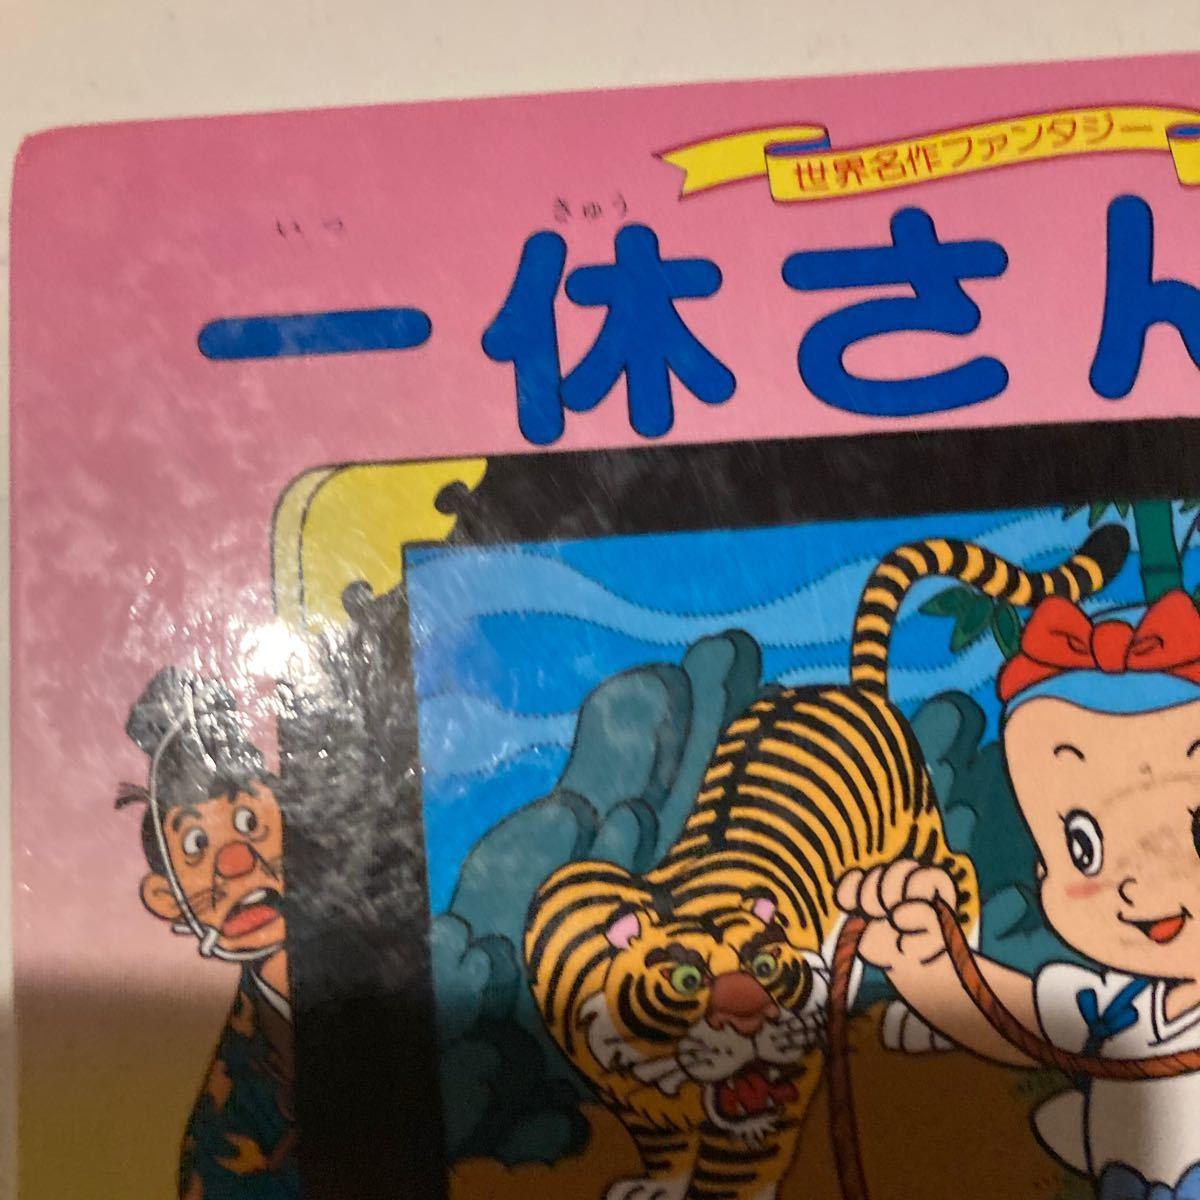 一休さん 世界名作ファンタジー28/平田昭吾 【企画構成文】 ,大野豊 【画】